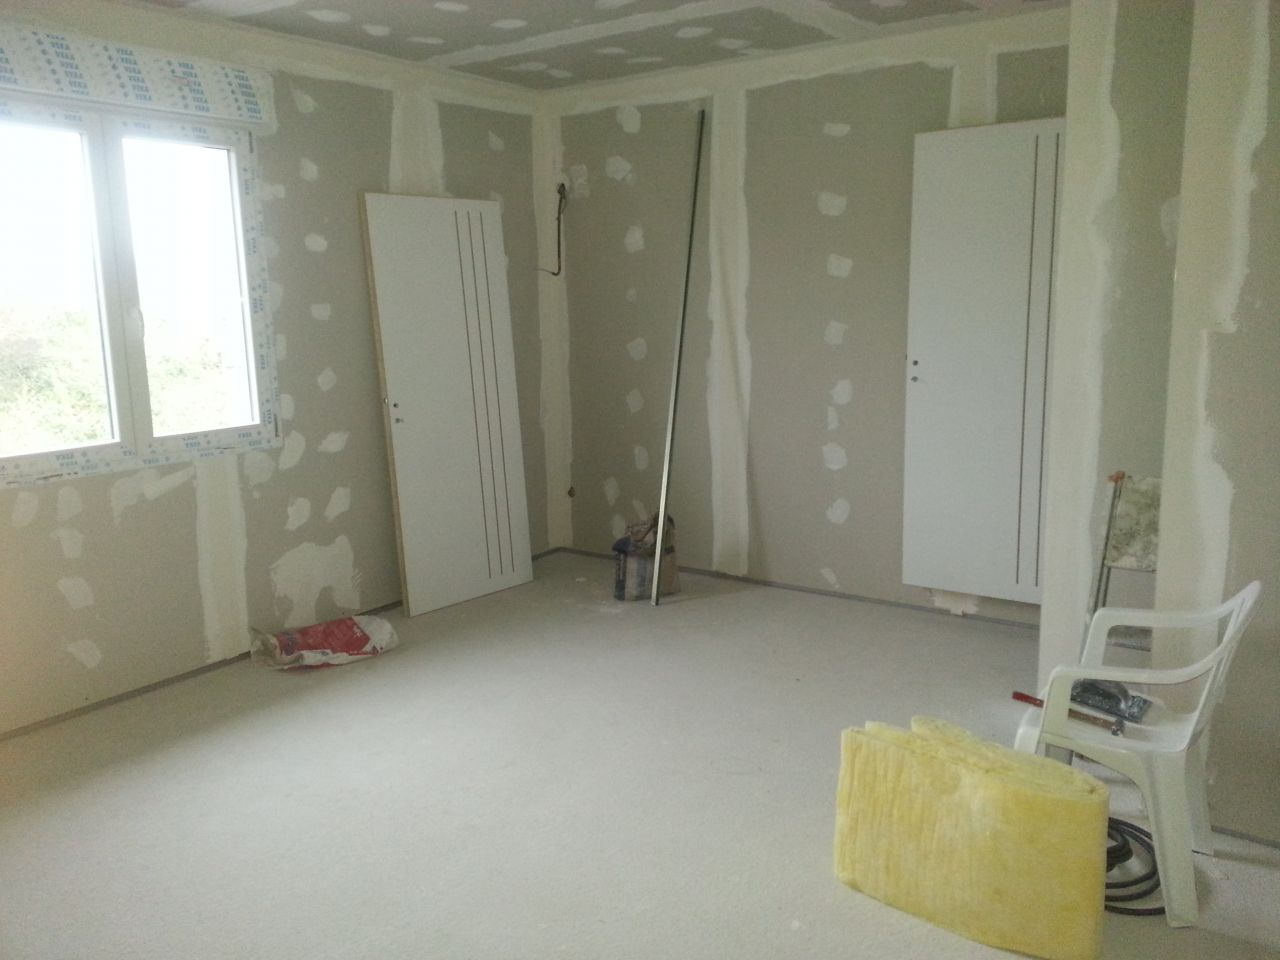 notre chambre.... 20M² ça fait pas mal